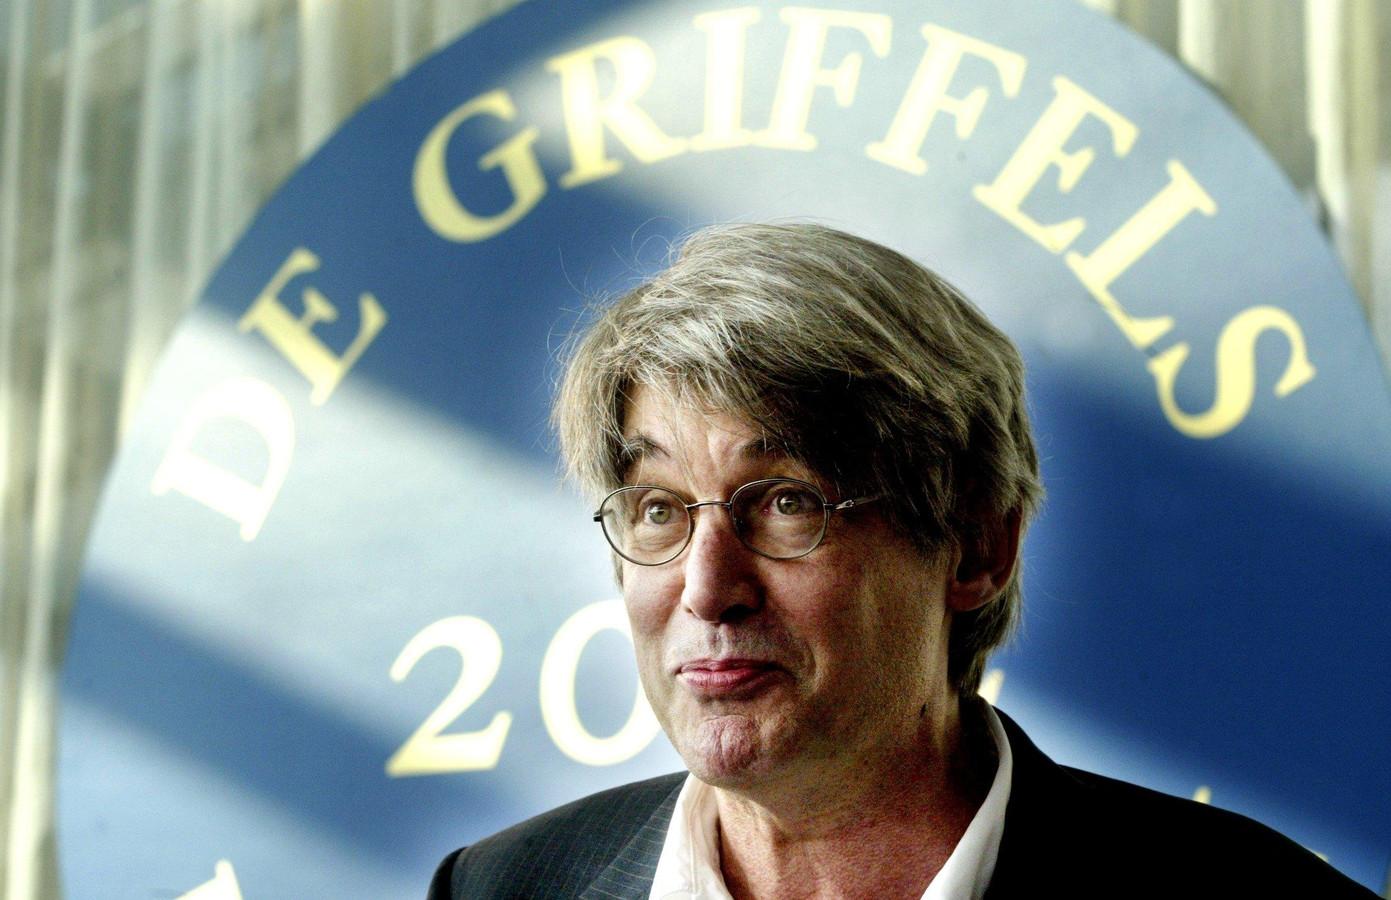 Peter van Gestel op een foto in 2002.  Hij werd toen winnaar van de Gouden Griffel, de prijs voor het beste kinderboek. Hij won met zijn boek Winterijs.